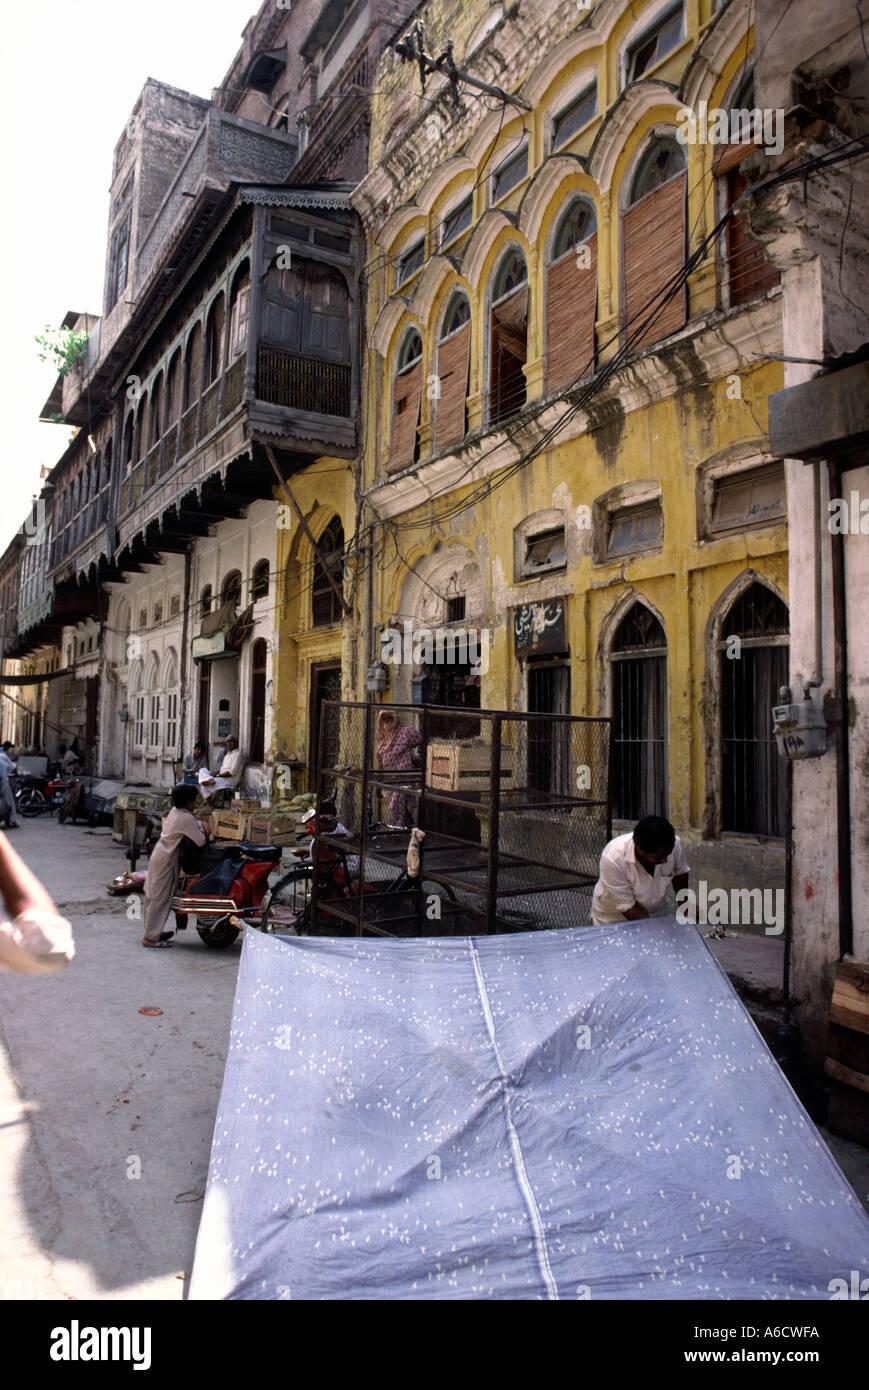 Pakistan Rawalpindi Rajah Bazaar Man Erecting Awning Amongst Old Houses